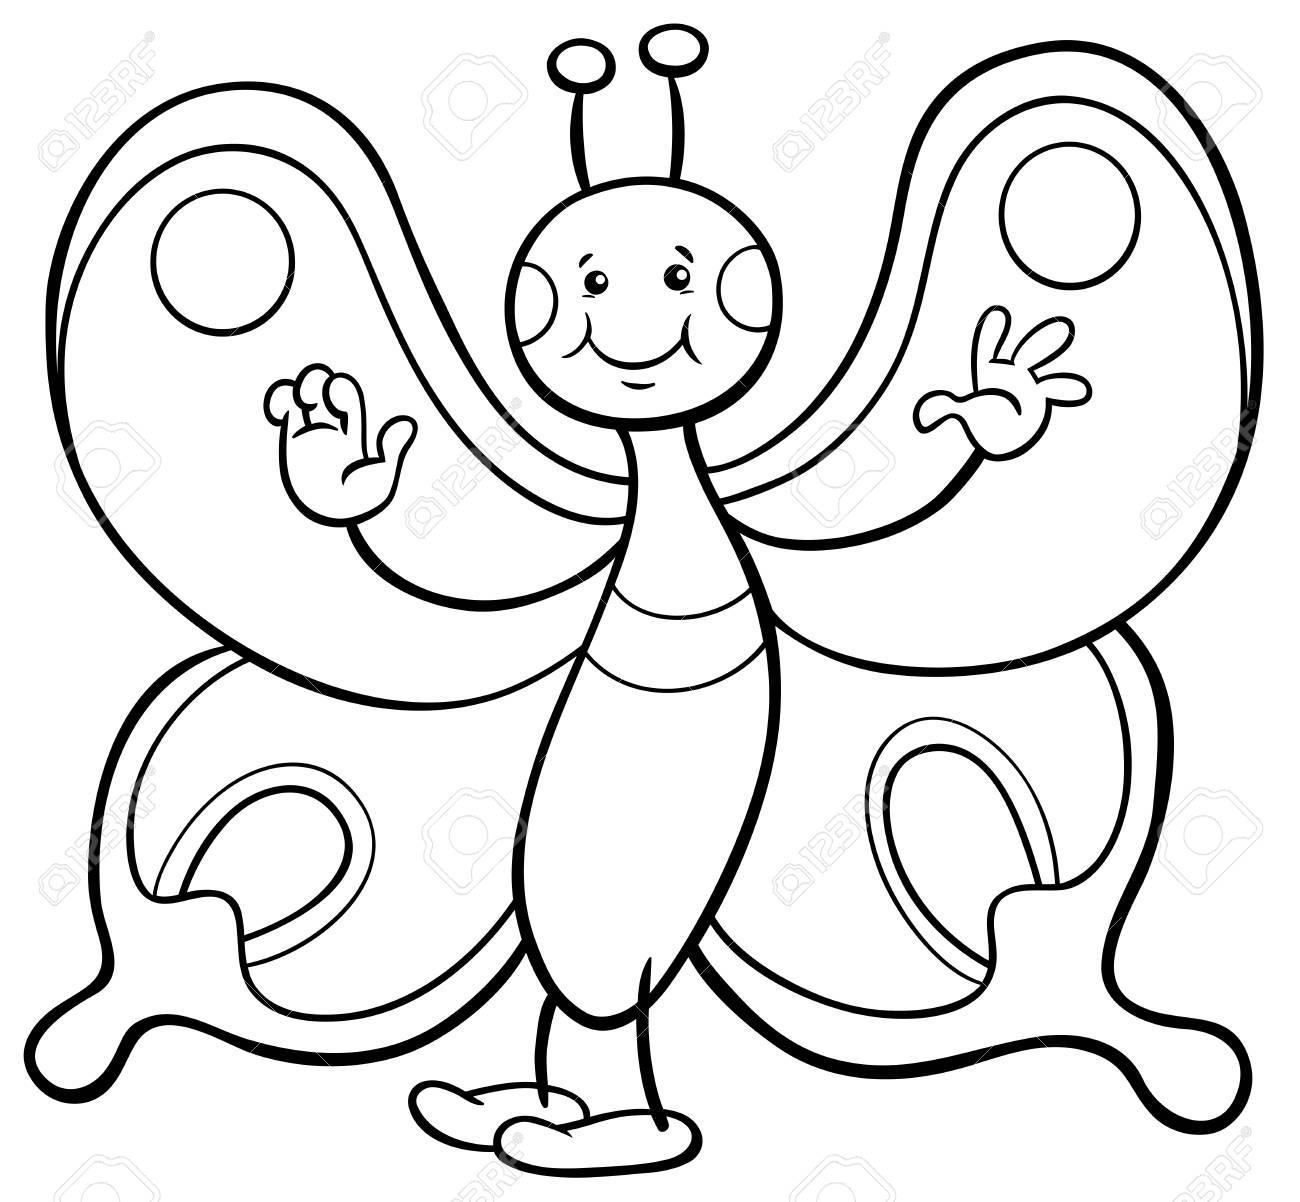 蝶昆虫動物キャラクターぬりえページの白黒漫画イラストのイラスト素材